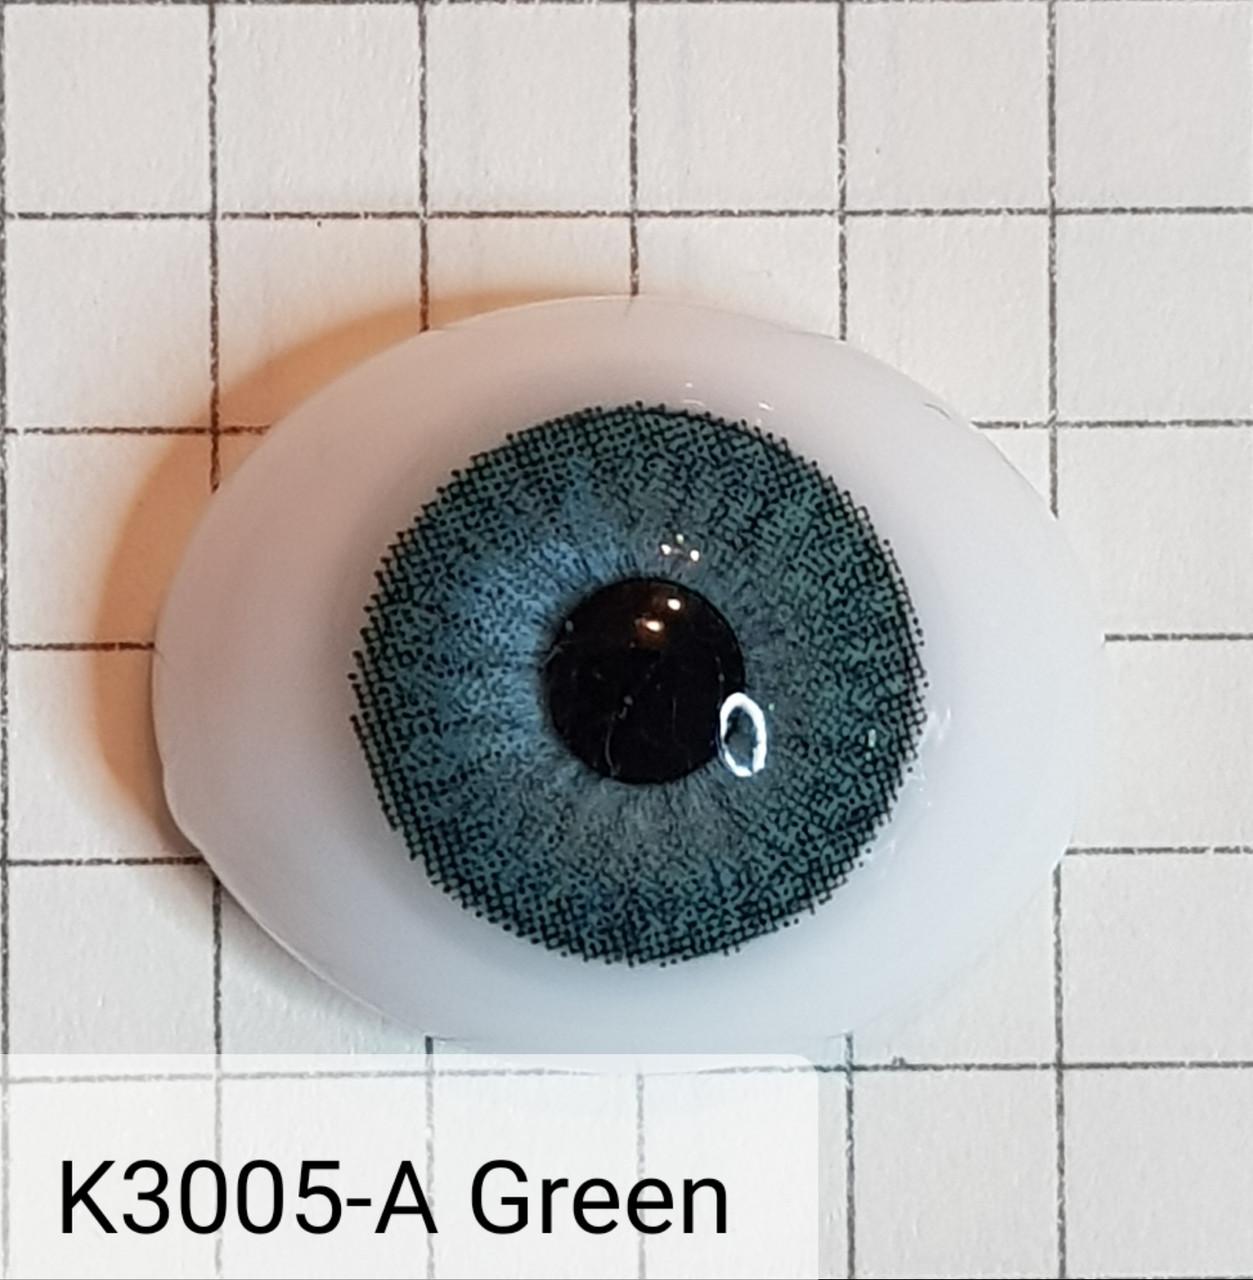 Контактные линзы DOX K3005-A Green -2.00 - фото 4